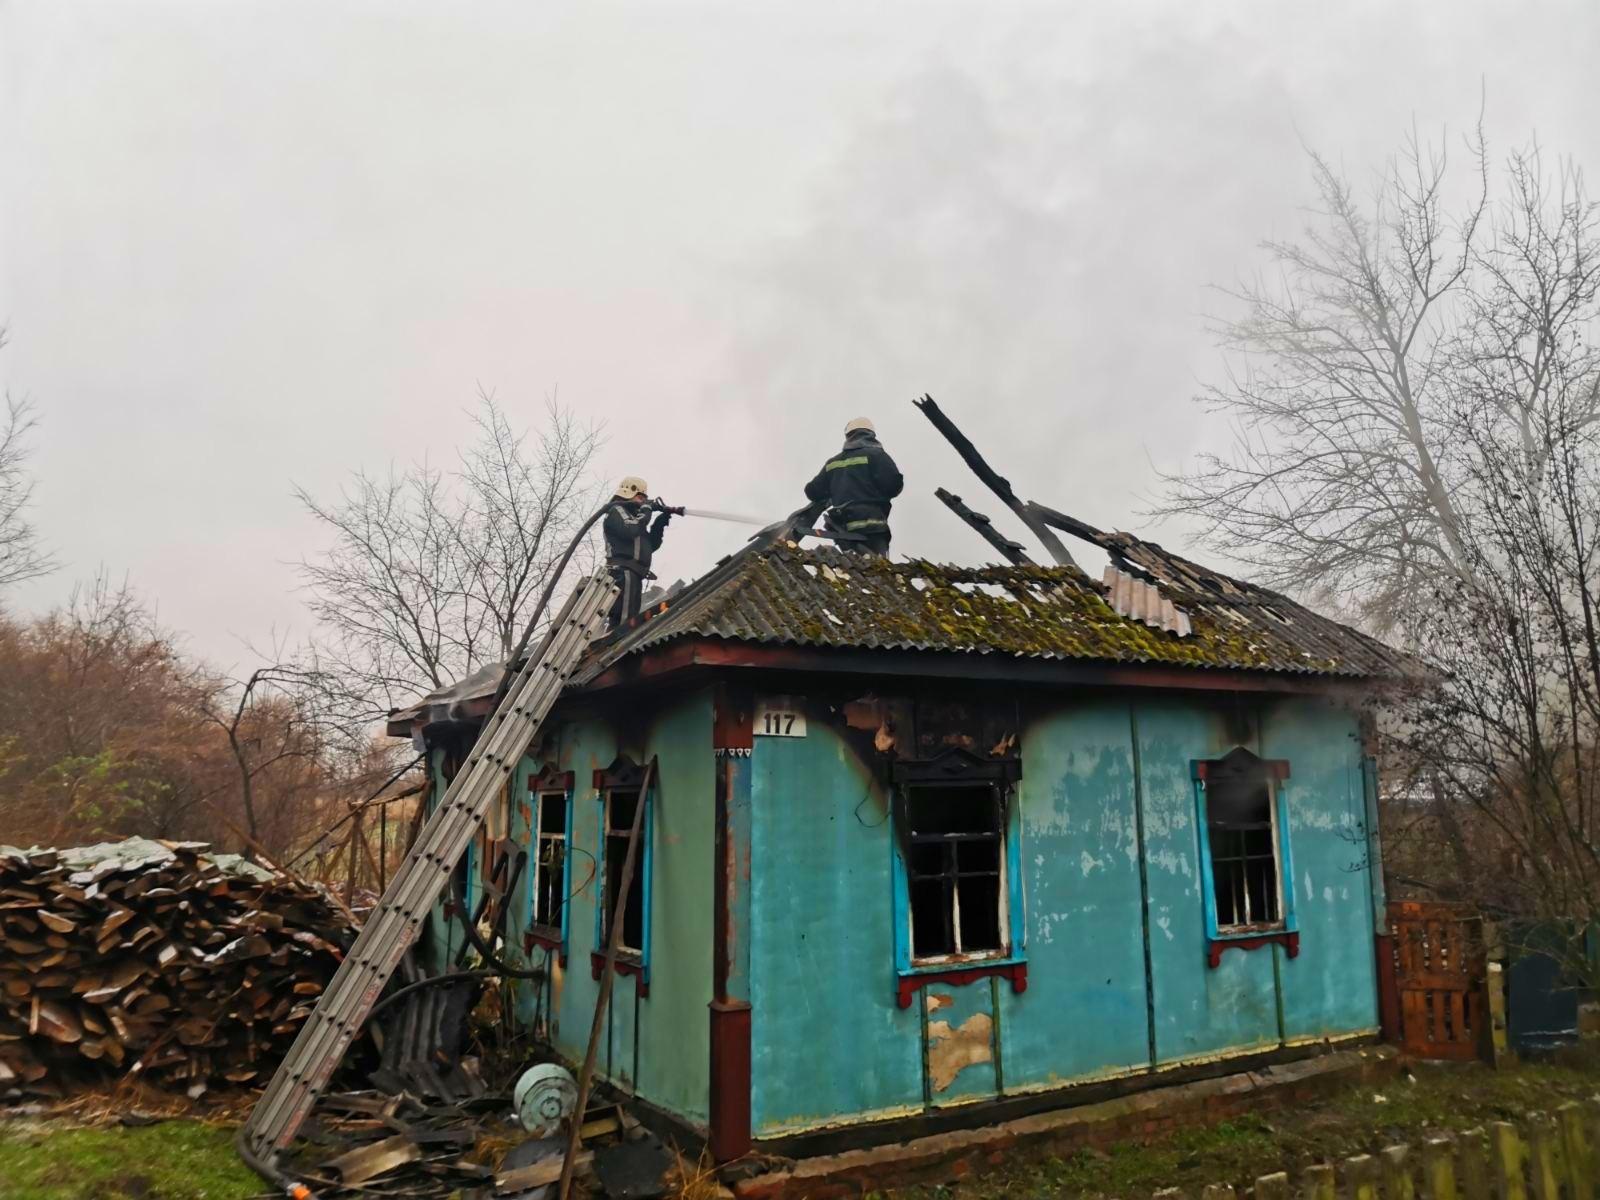 На Бородянщині під час пожежі у будинку загинула жінка - пожежі, пожежа, згоріла будівля, згорів будинок, бородянські пожежники, Бородянський район - 01